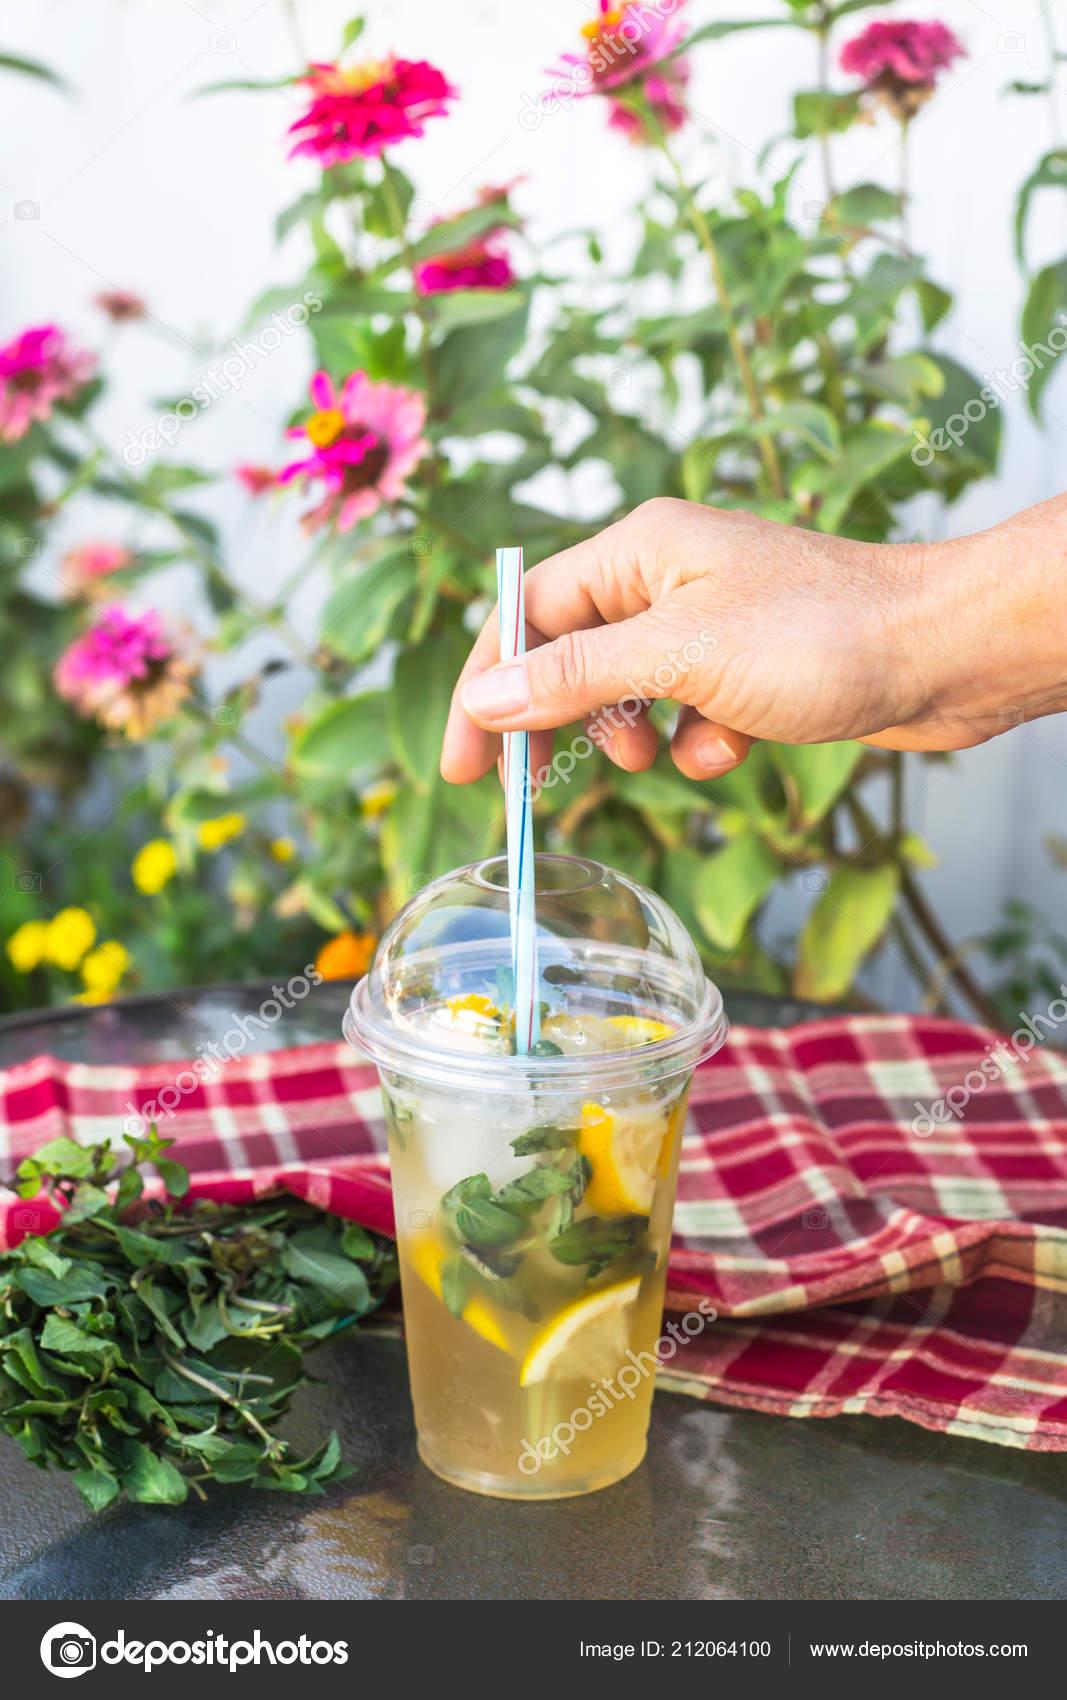 Plastic Glass Tube Mojito Mint Lemon Table Next Red